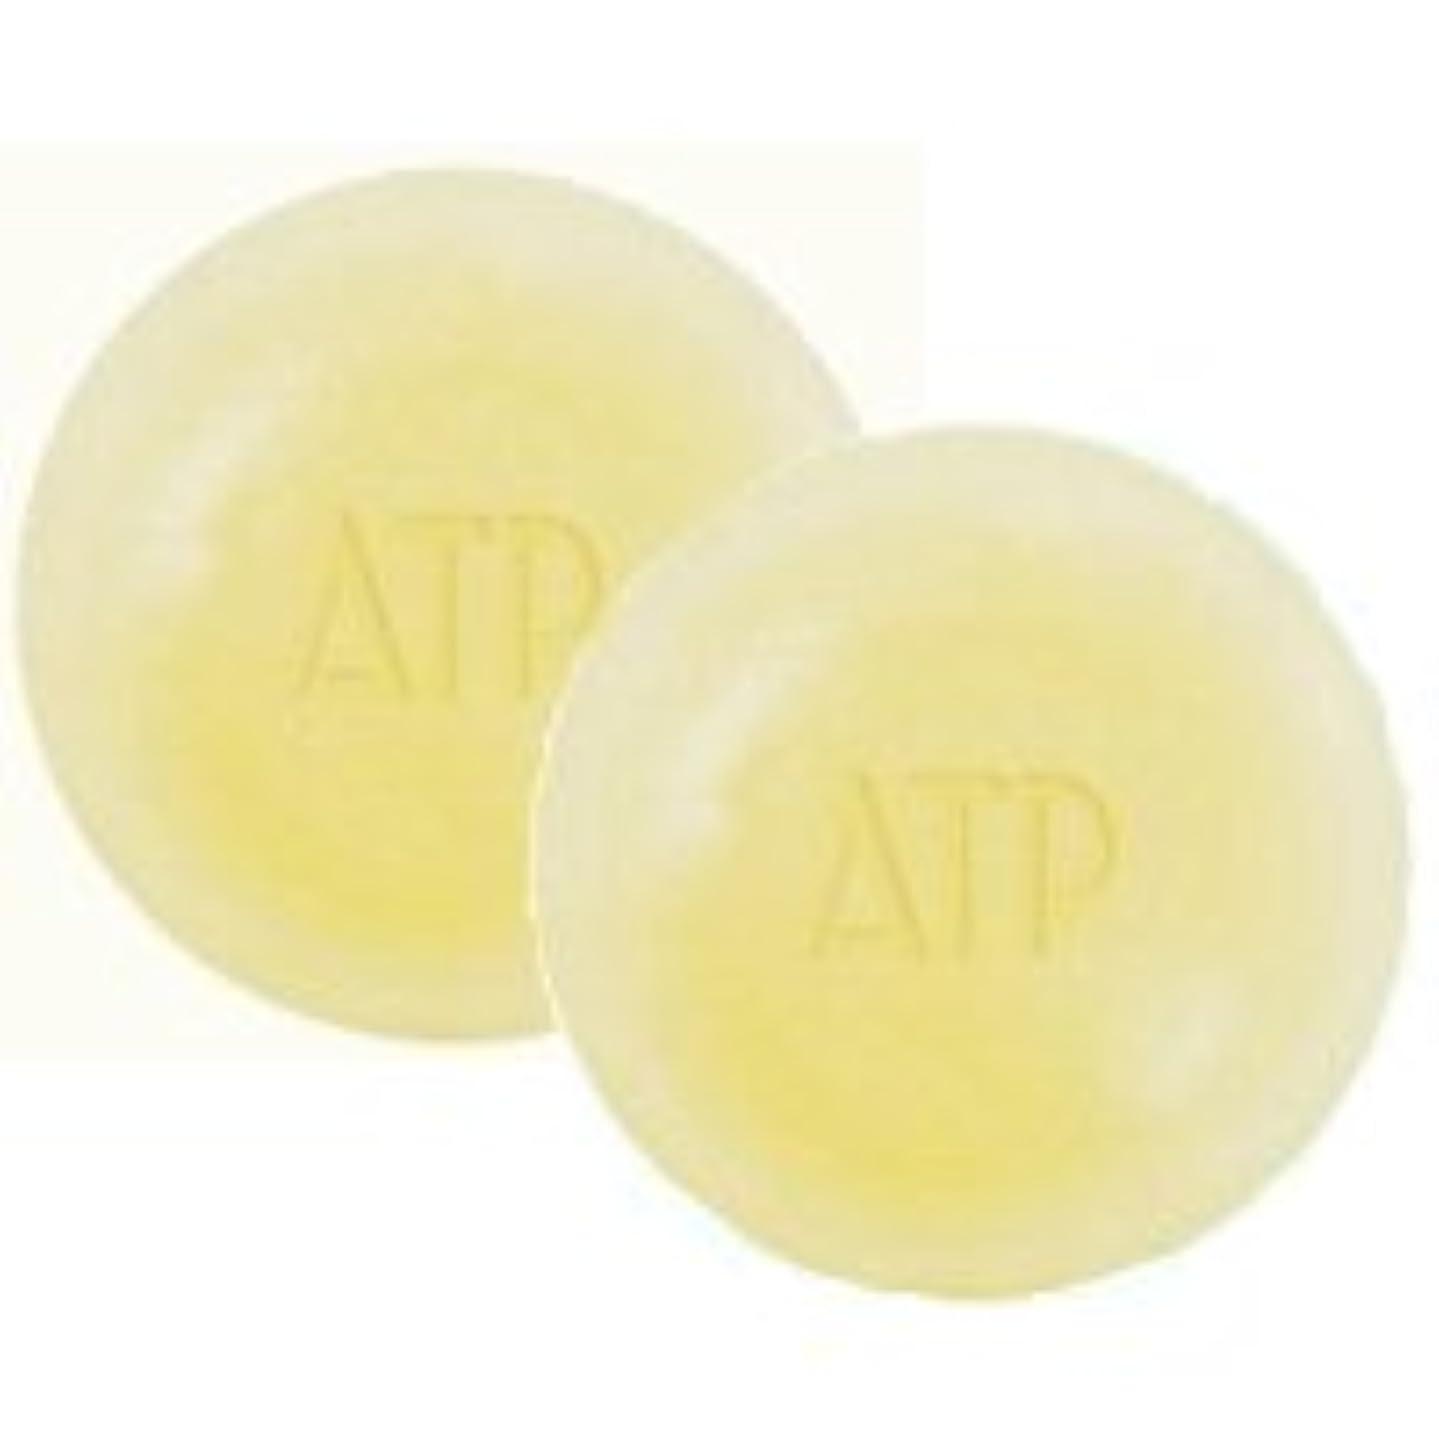 討論実際の担保ATPデリケアソープ 100g ケース付 2個セット